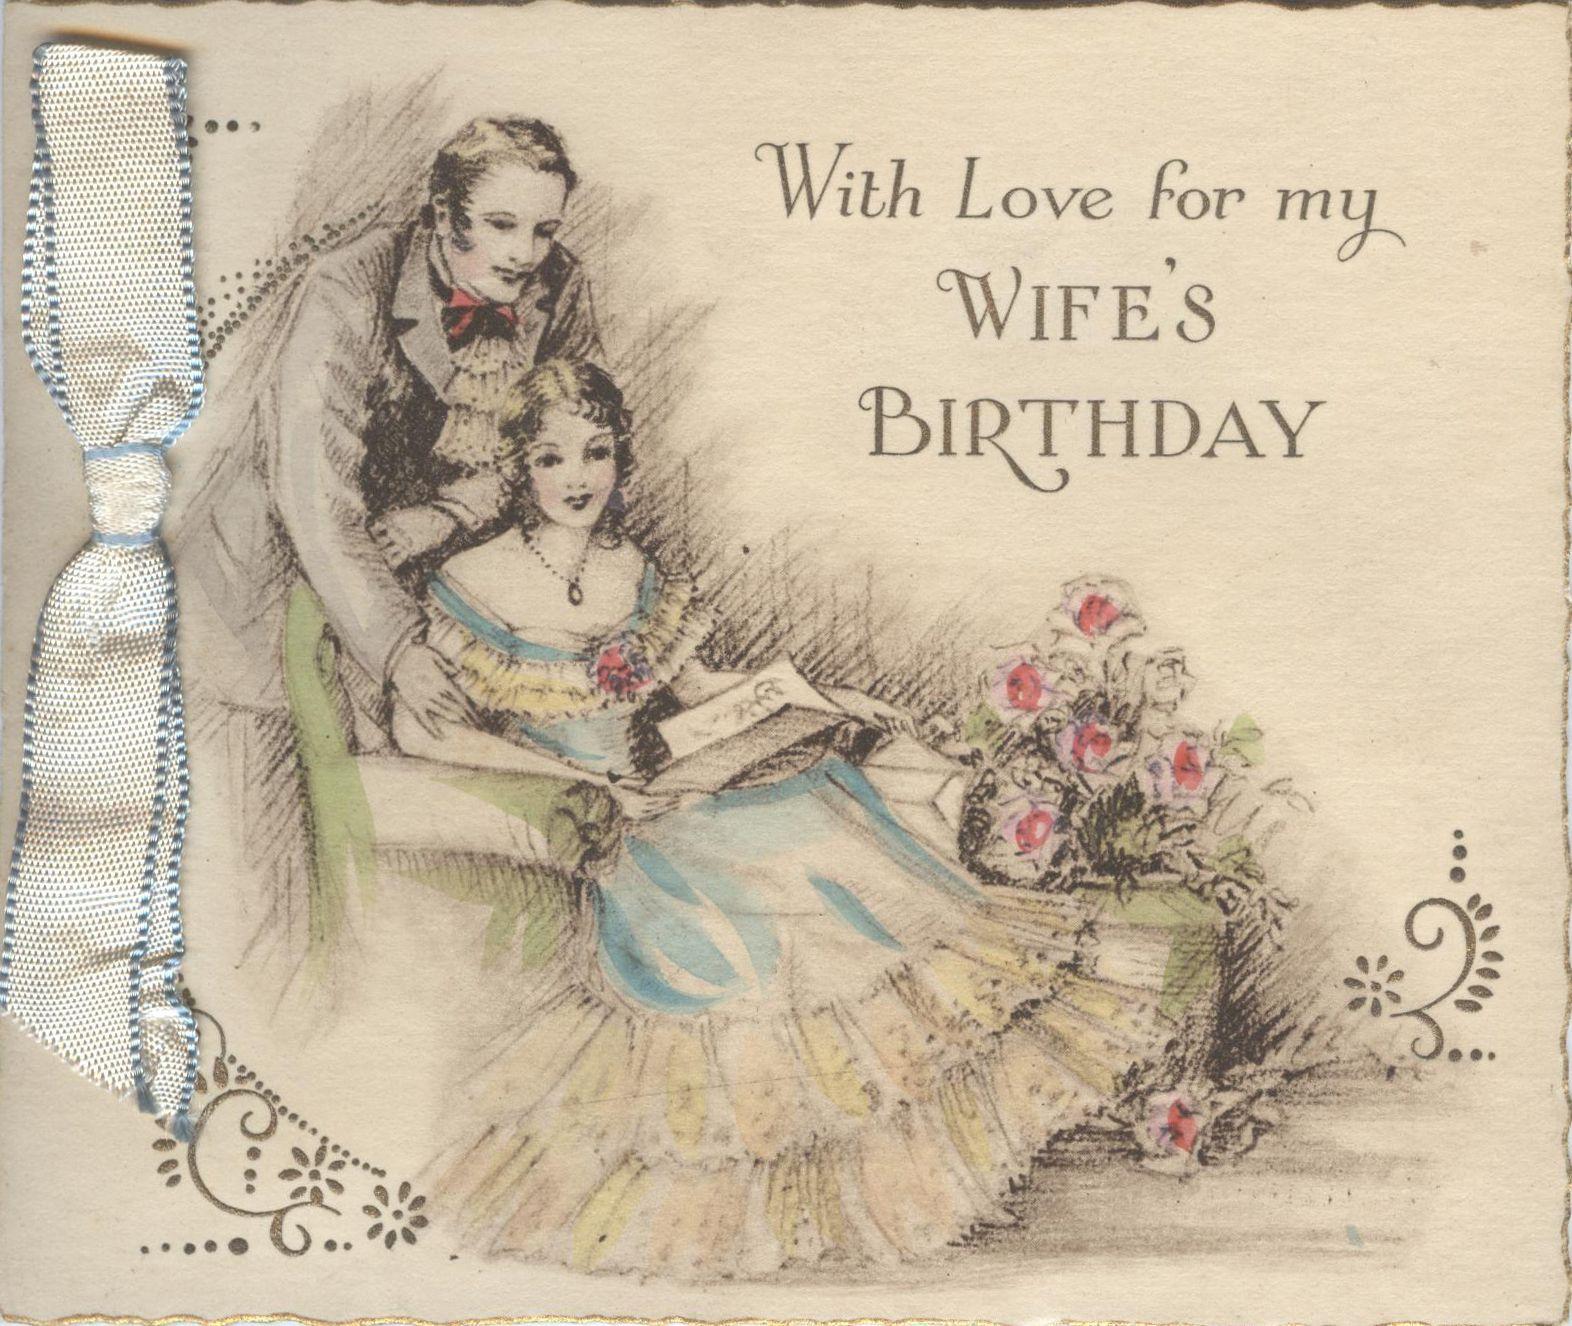 25 b 347 wifes birthday card hallmark greeting cards